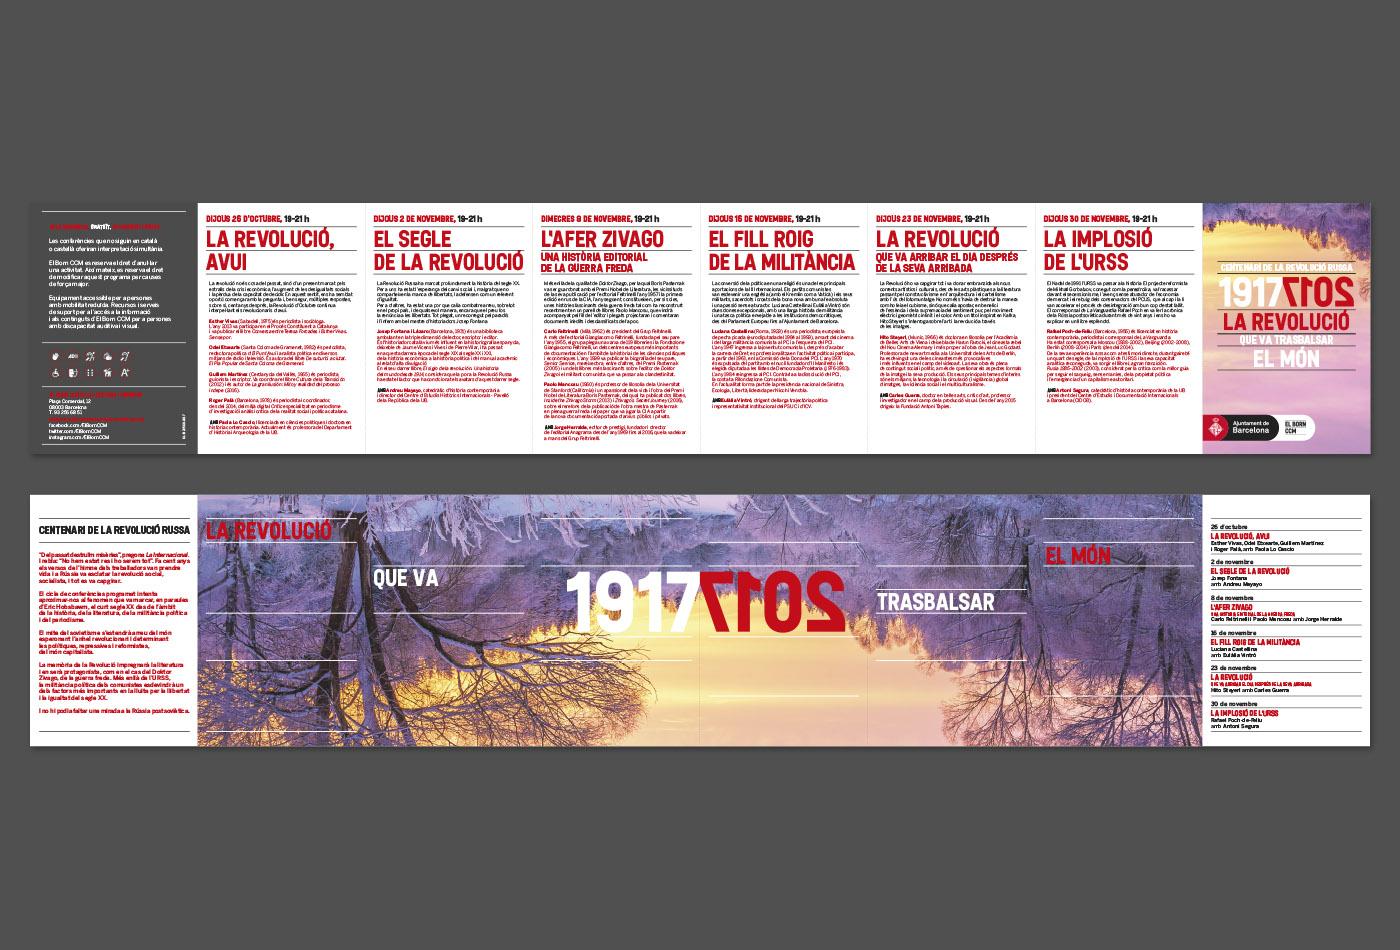 folleto-born-larevolucio-russa-disseny